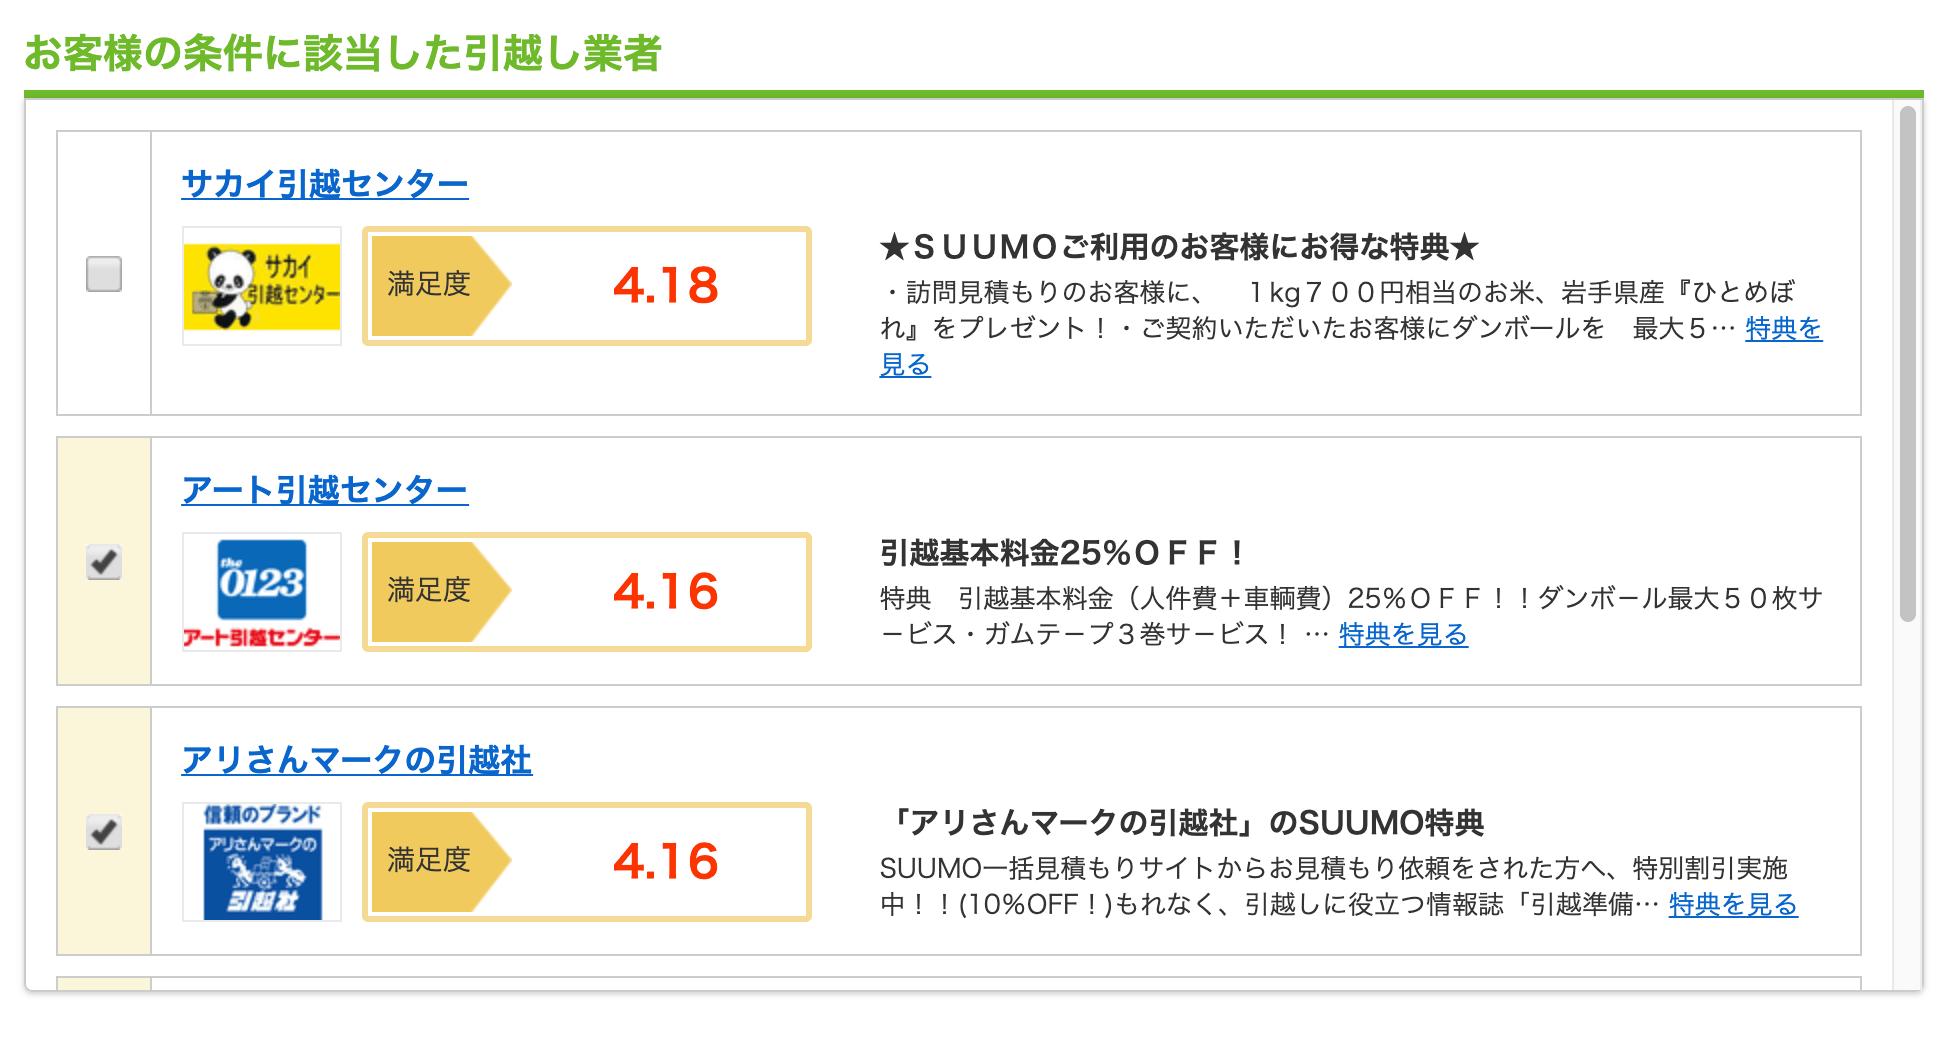 SUUMO引越し 業者選択ページ